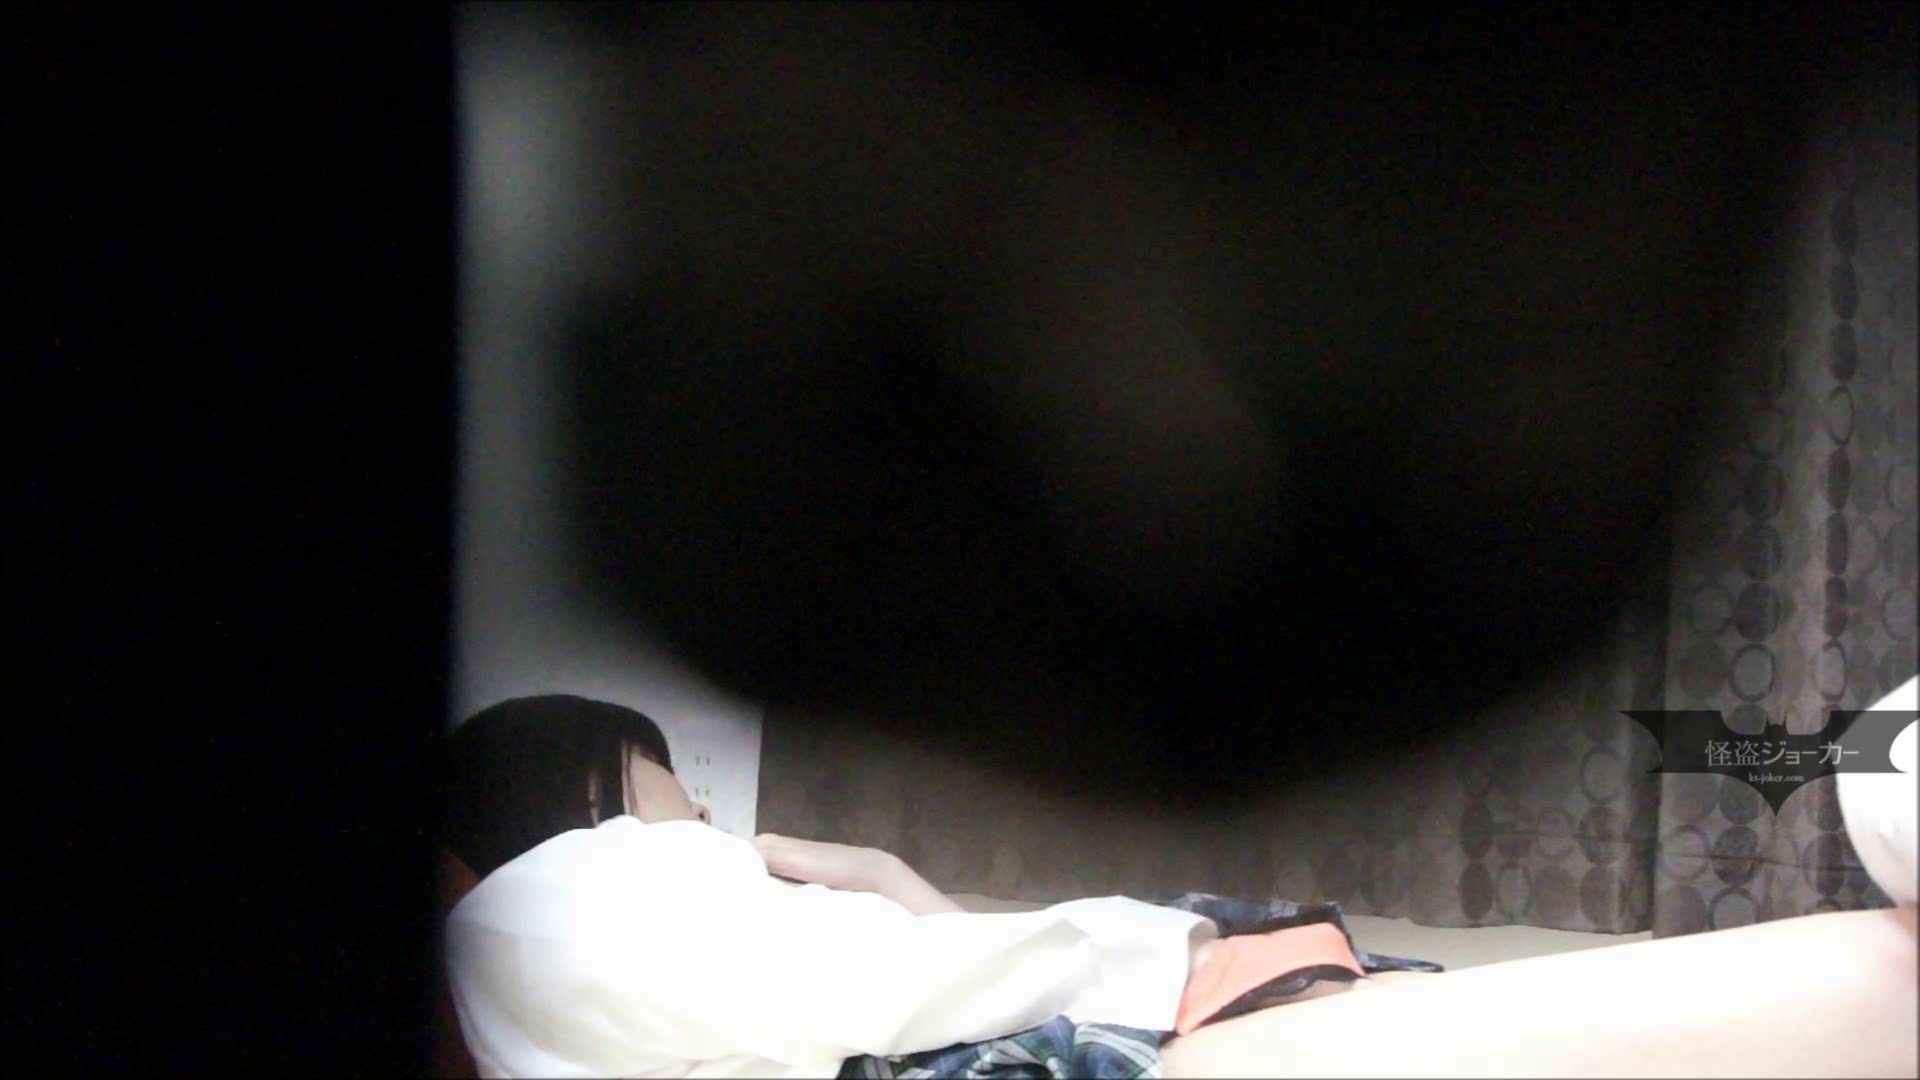 【未公開】vol.54【小春】脱衣所とオナニー隠し撮り 脱衣所   高画質  81画像 42